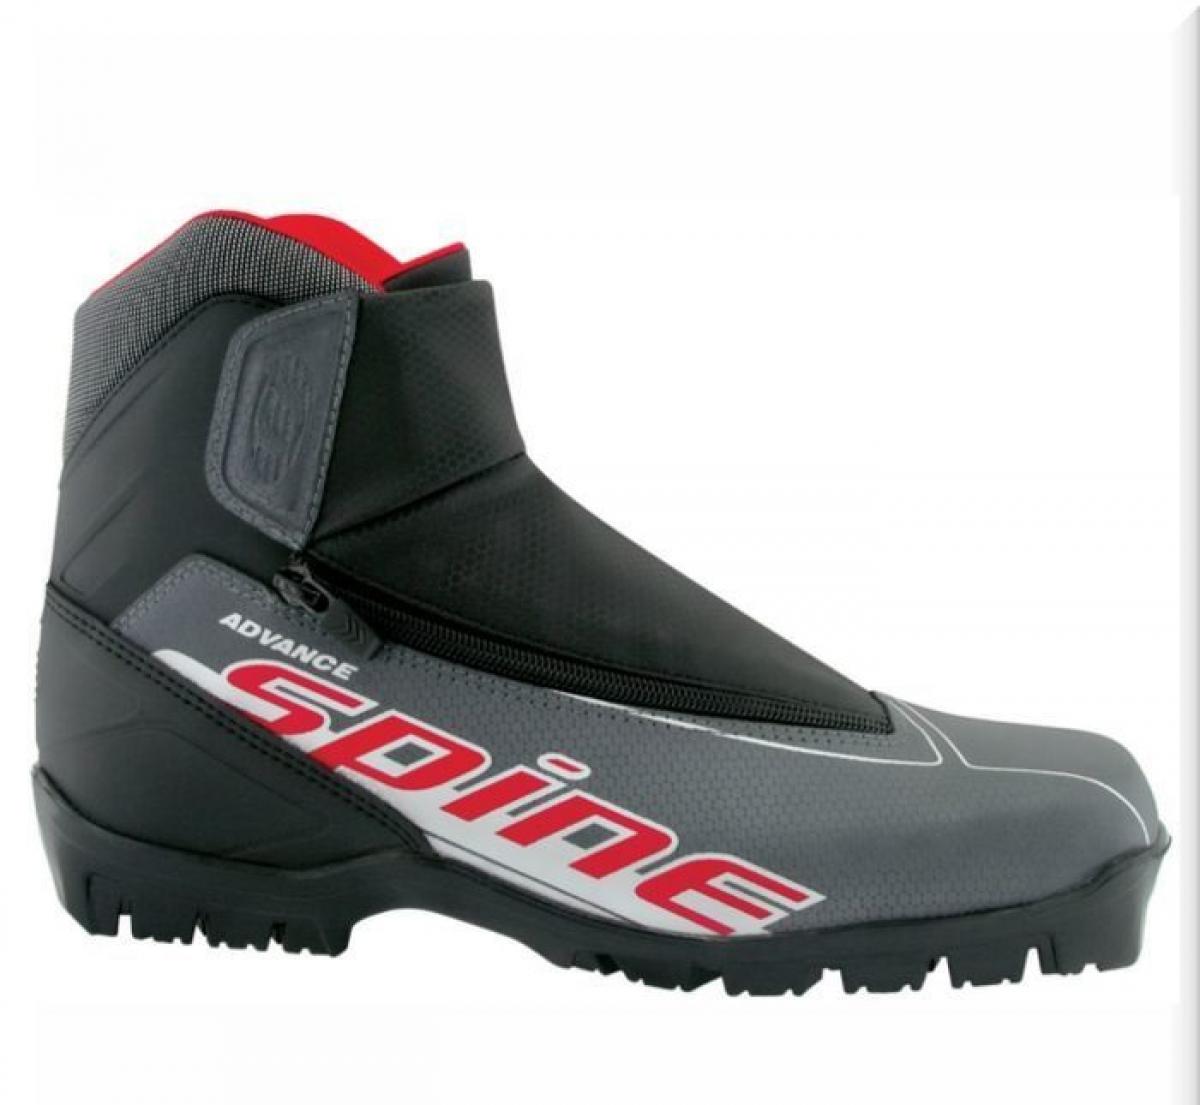 Ботинки лыжные Spine Advance SNS (синт.)